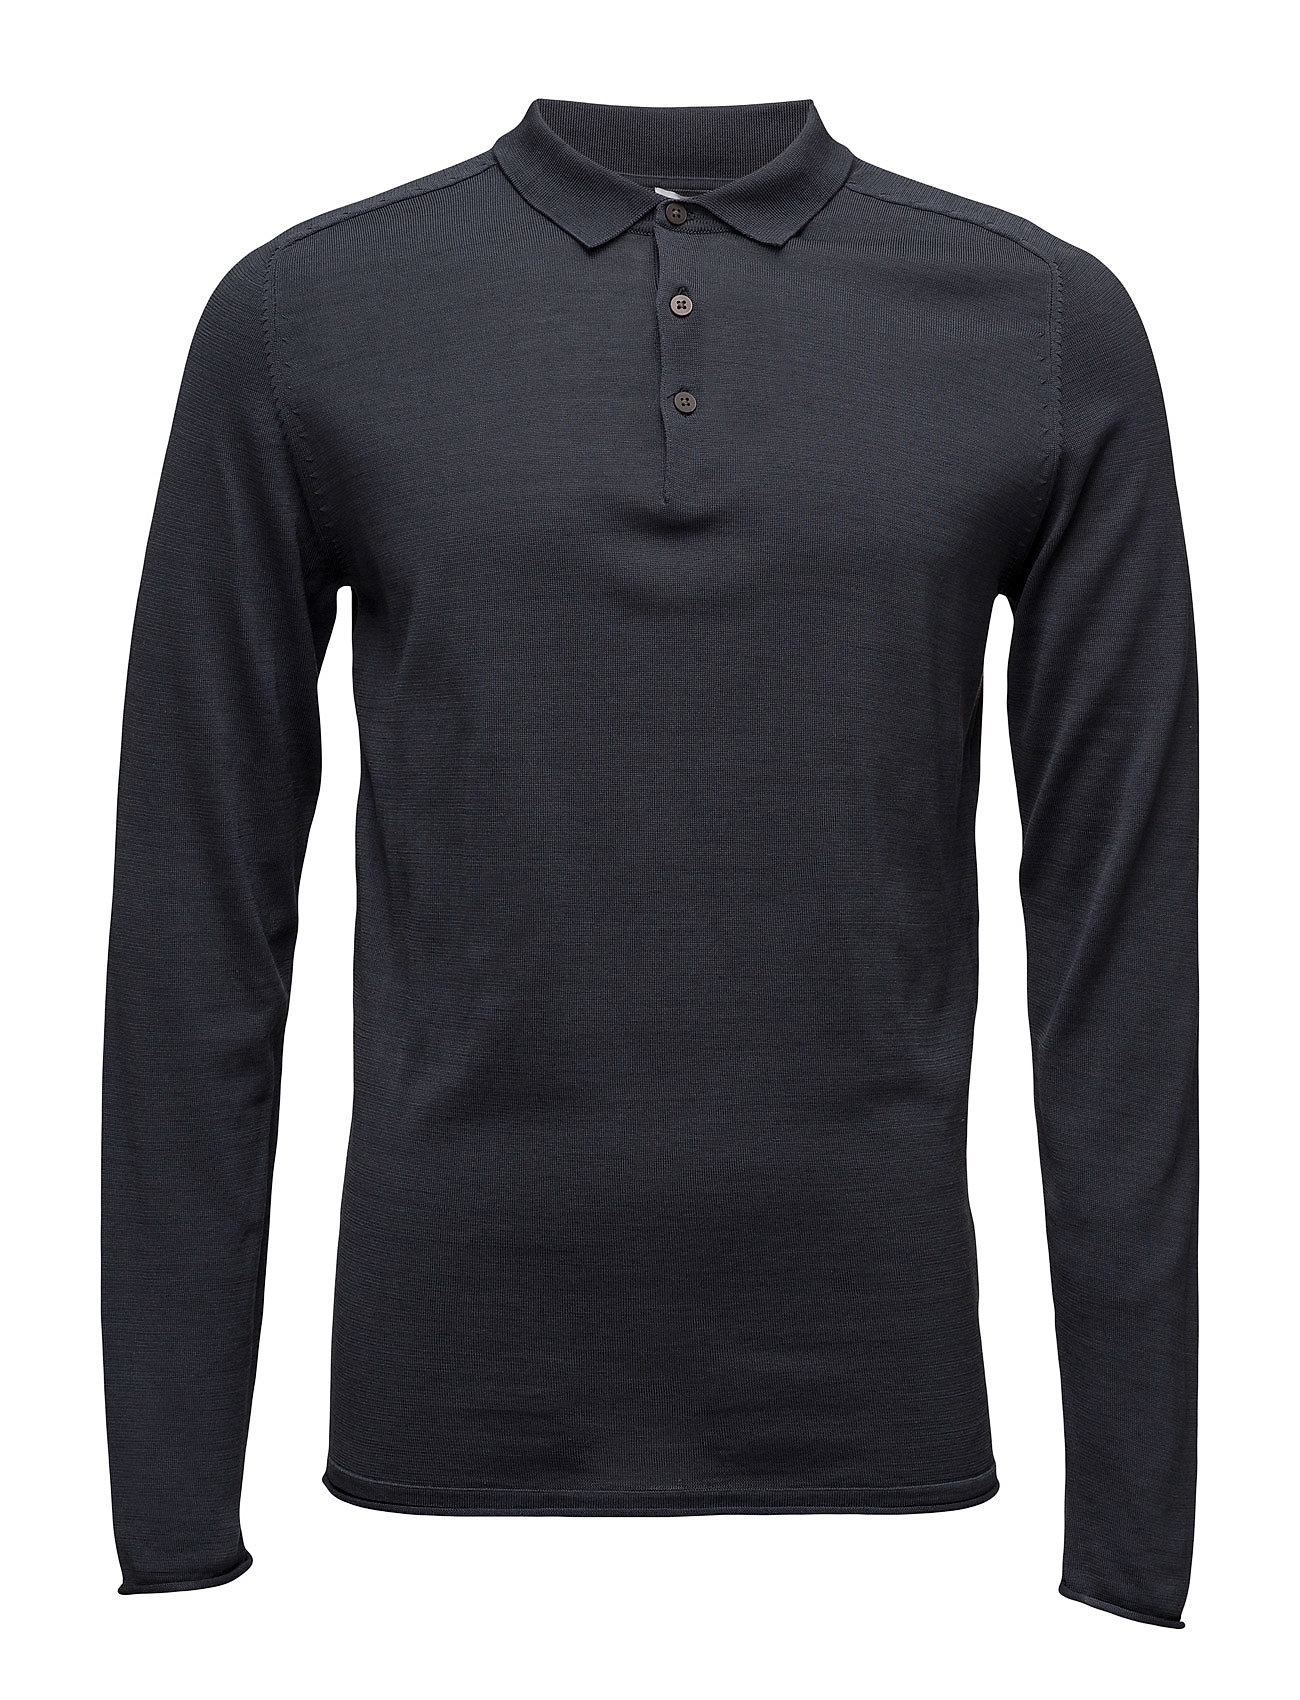 Shdporter Knitted Polo Selected Homme Længærmede polo t-shirts til Herrer i